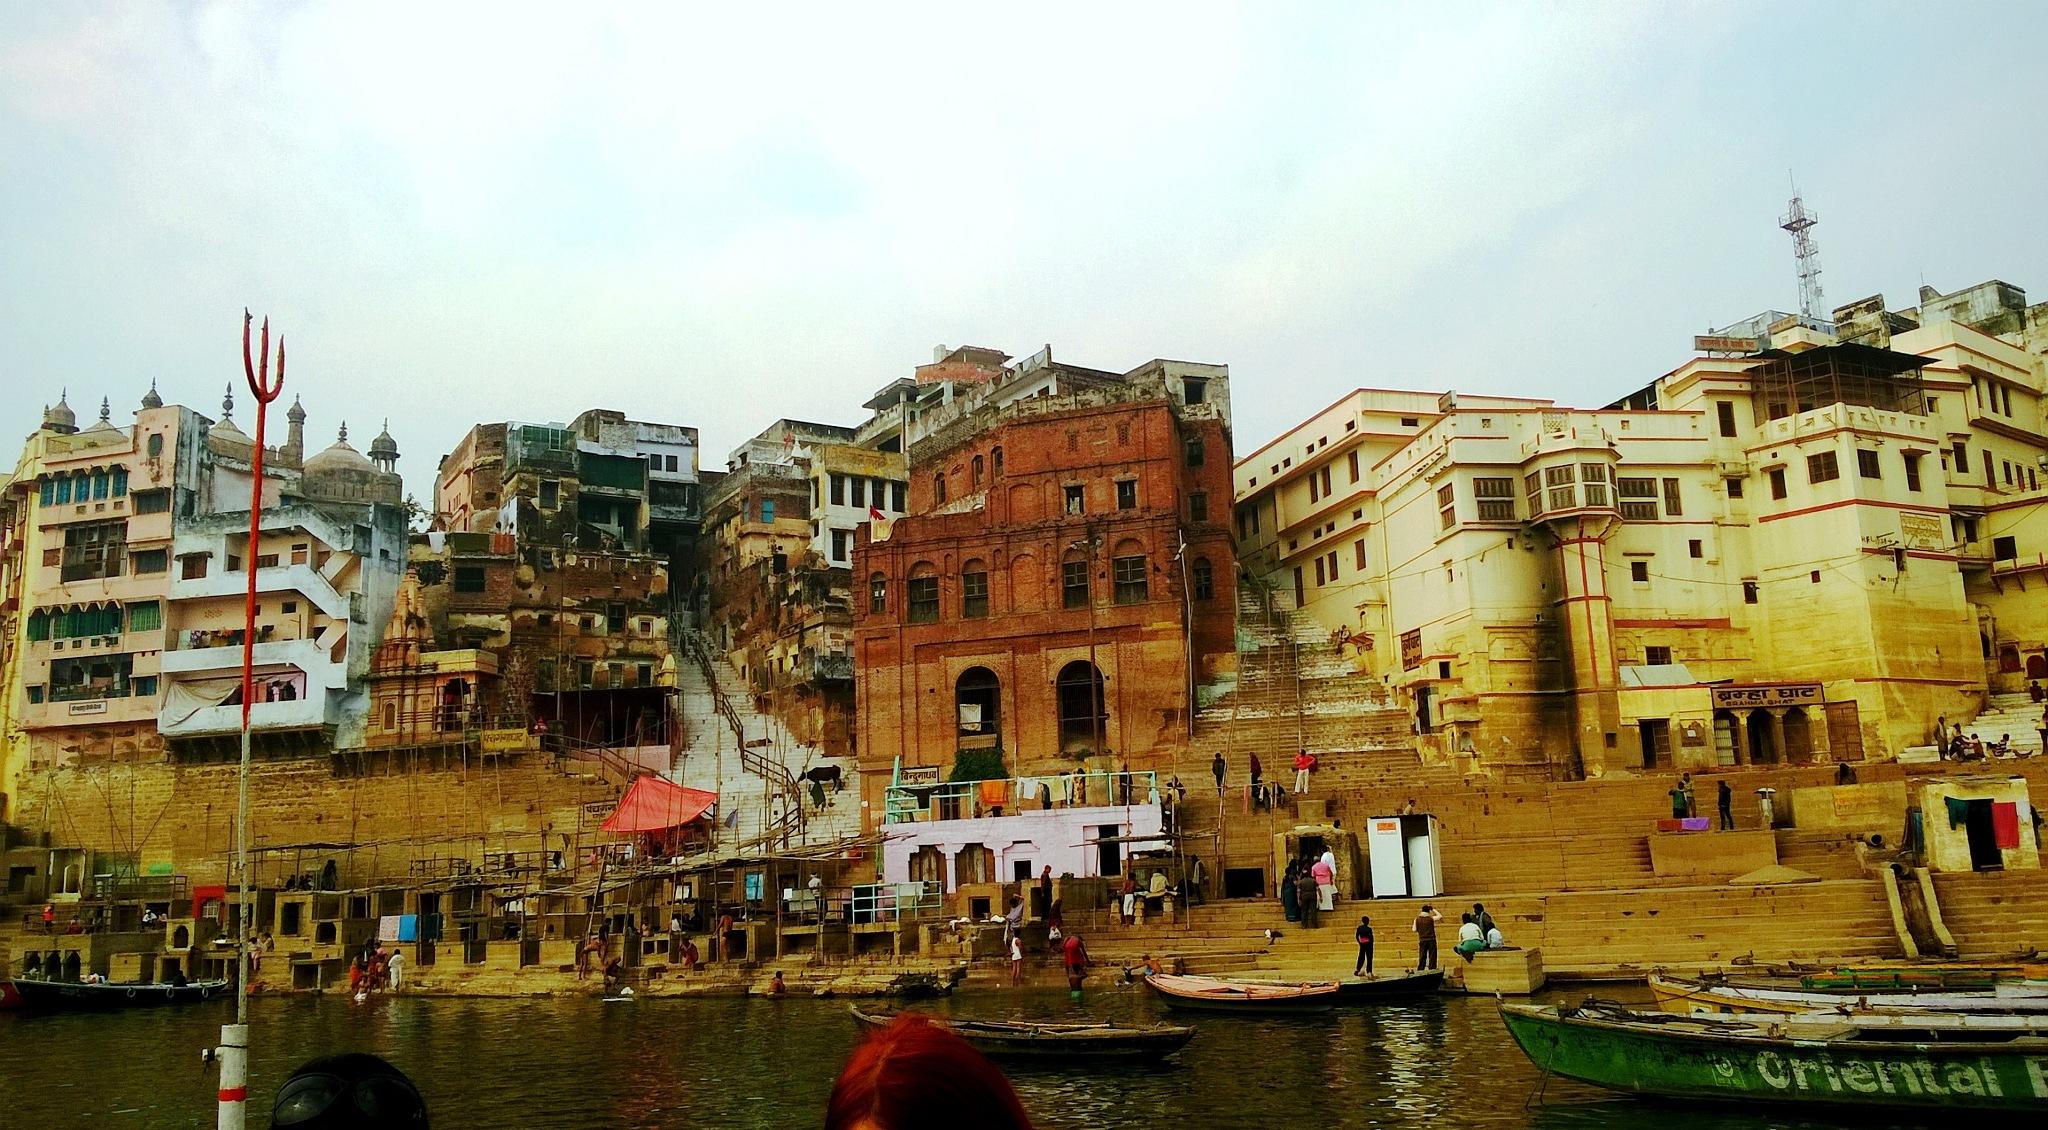 Beauty of Banaras at Ganges 13 by Suresh Tewari